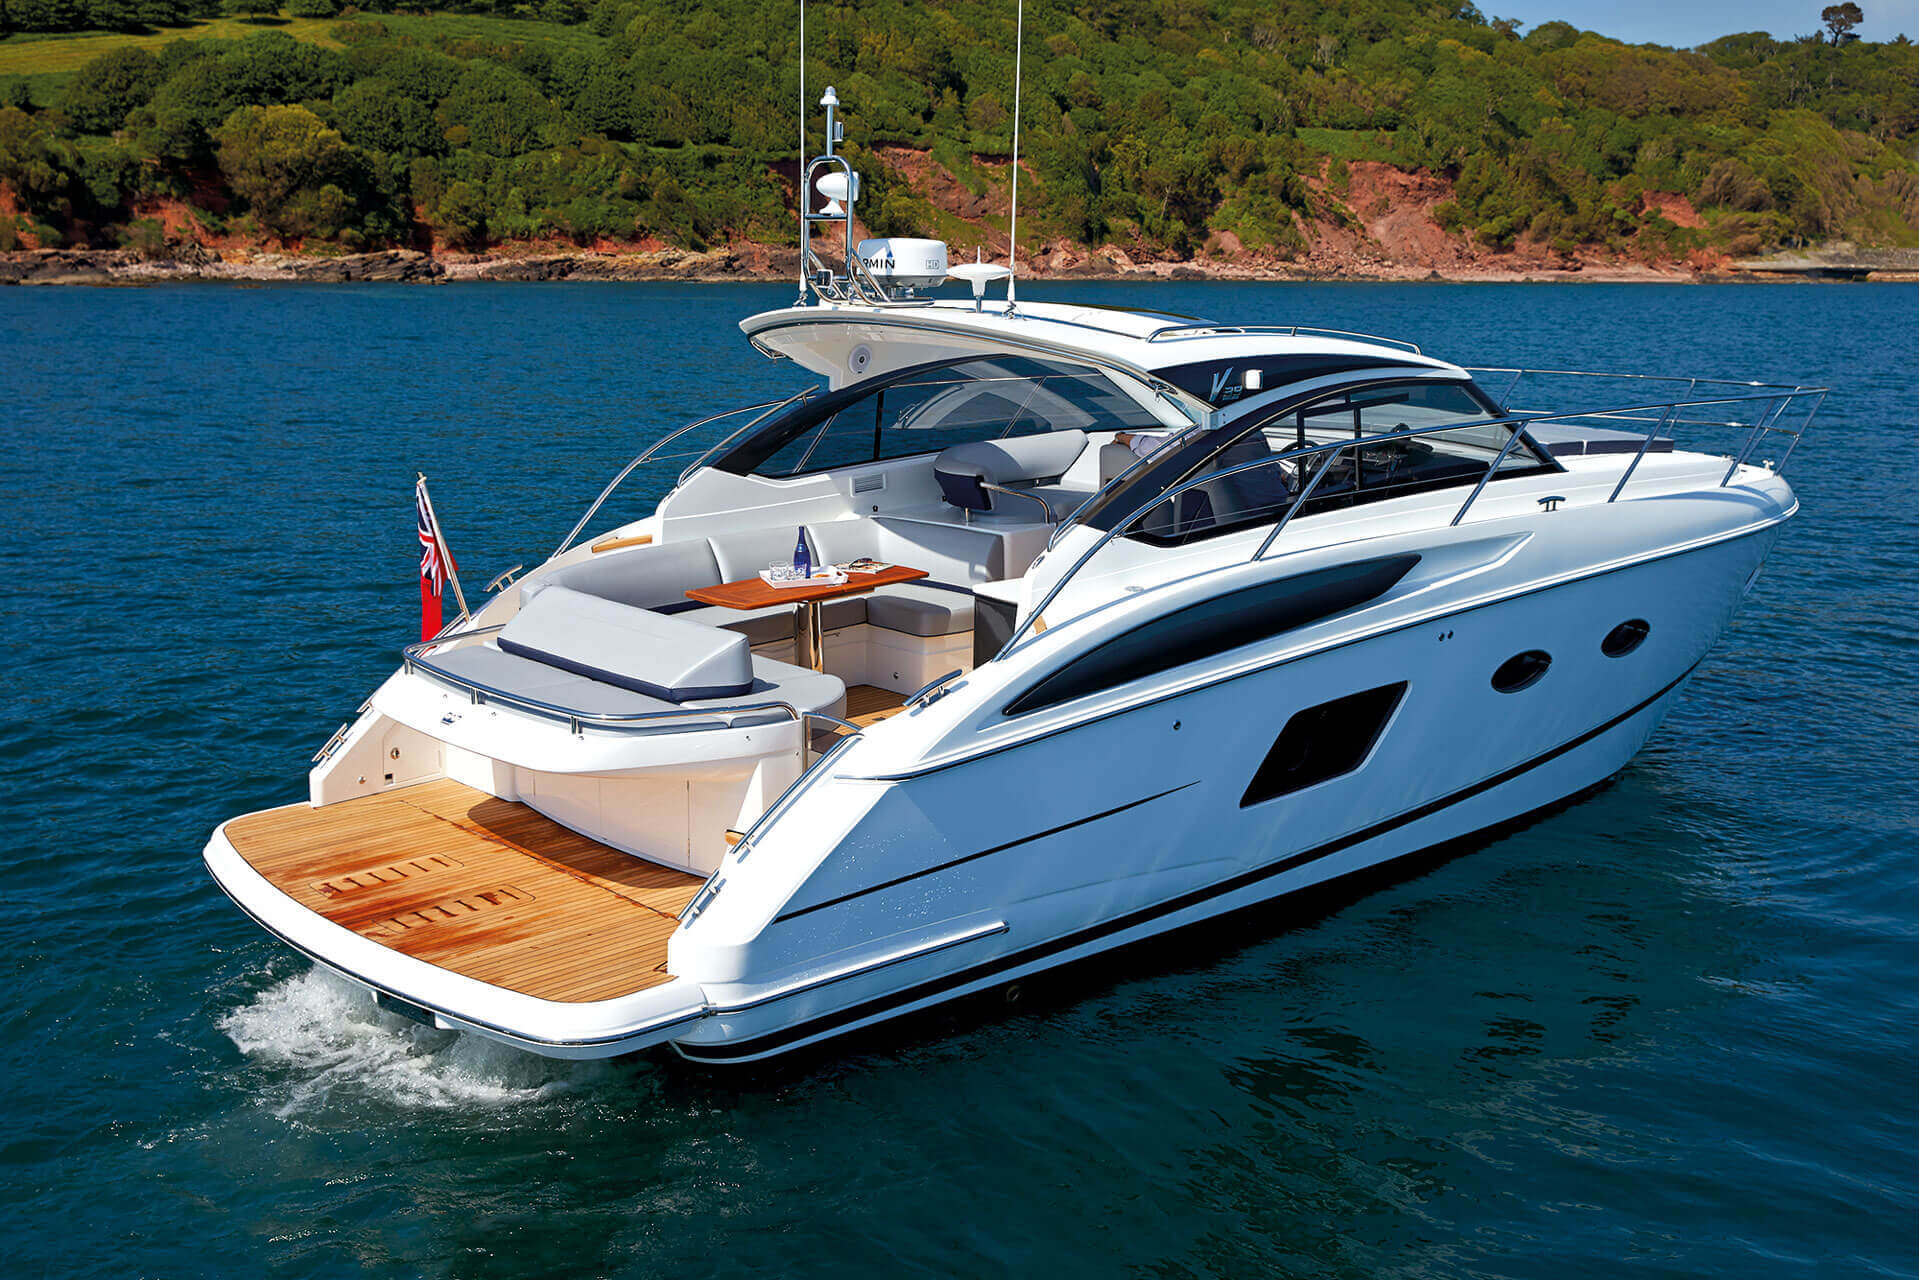 Boatshow In Lysekil Princess Yachts Sweden Denmark Norway